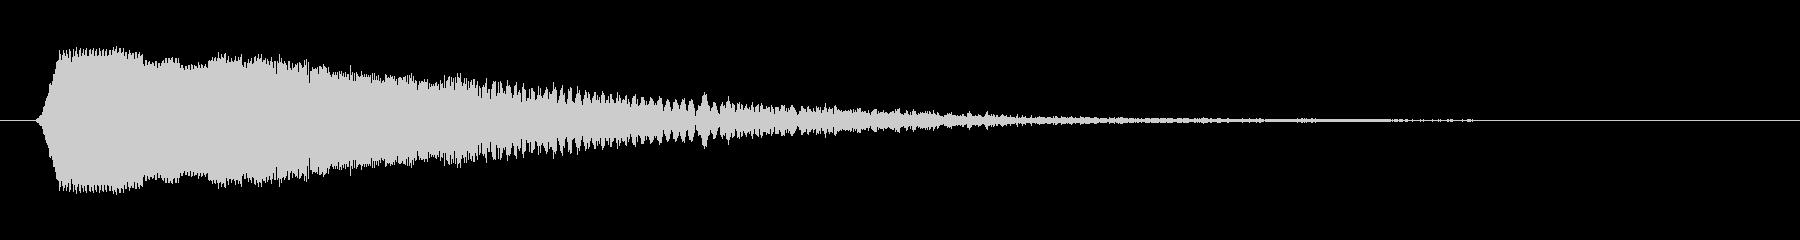 ピロン(クリック音)の未再生の波形